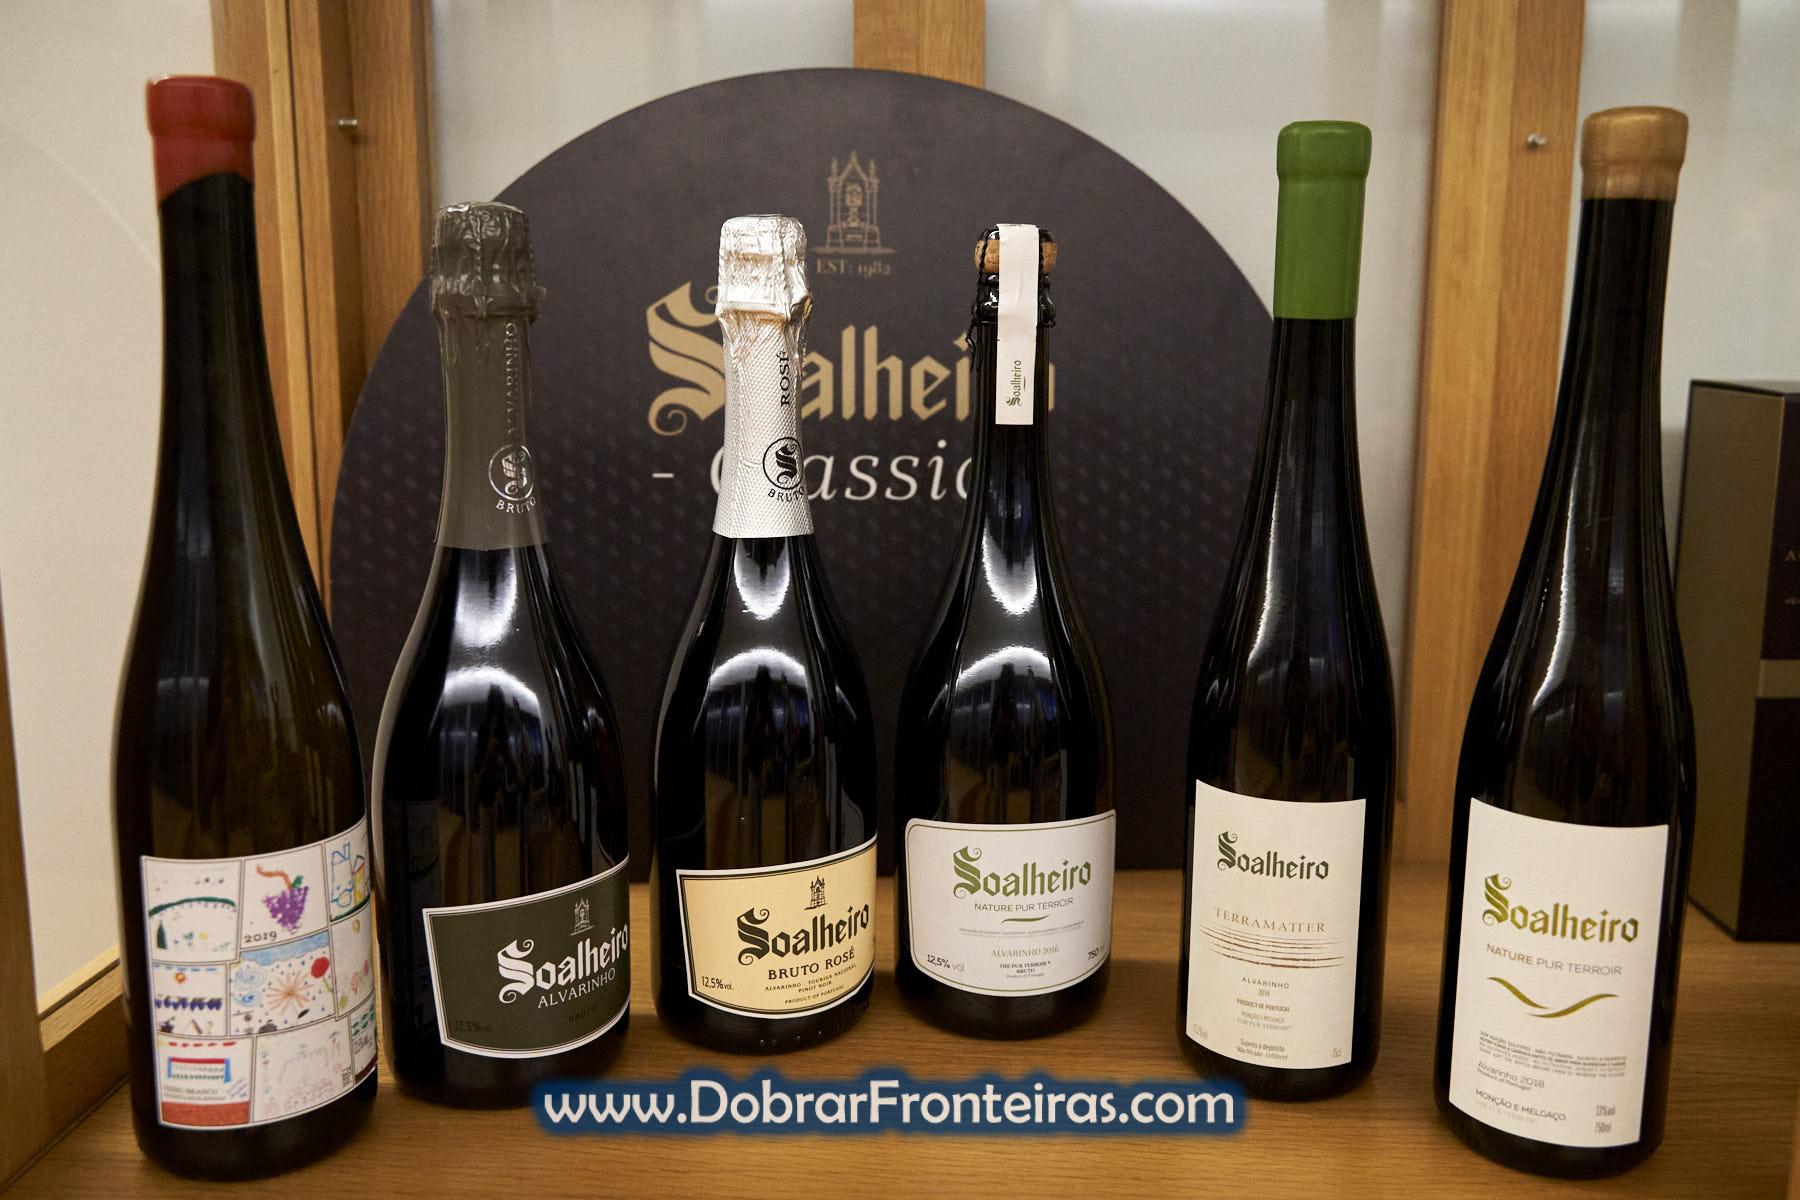 Garrafas de vinho verde alvarinho Soalheiro